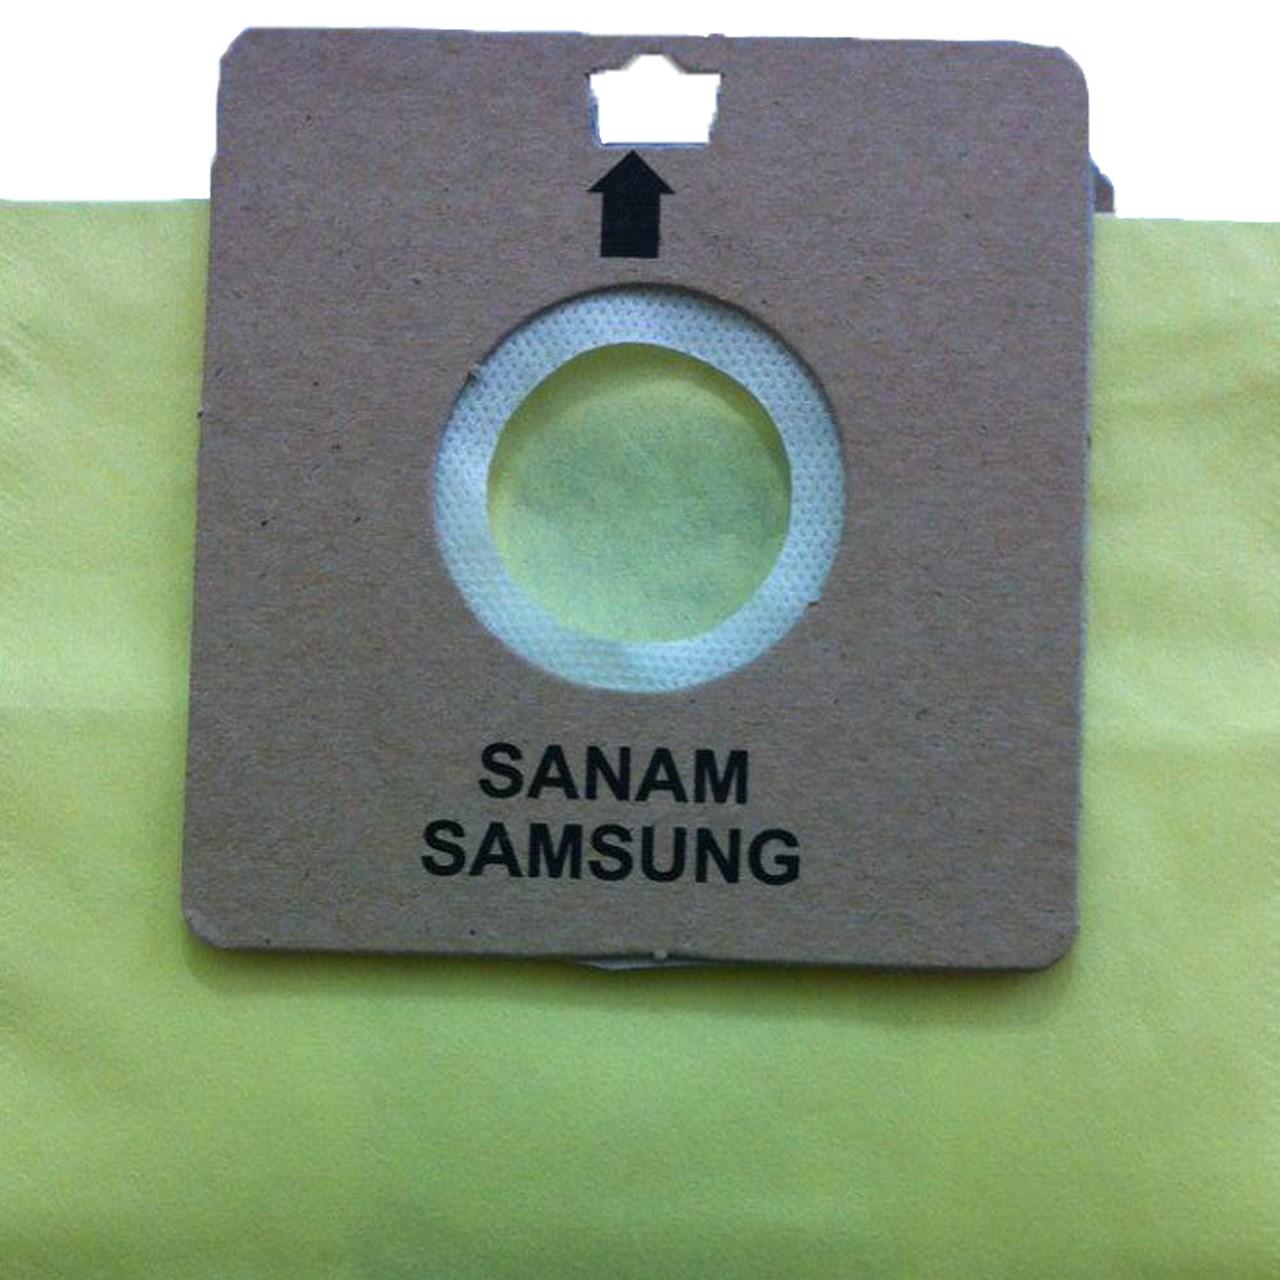 خرید                     کیسه جاروبرقی مدل 05 مناسب برای جاروبرقی سامسونگ و صنام و مارشال  بسته 5 عددی